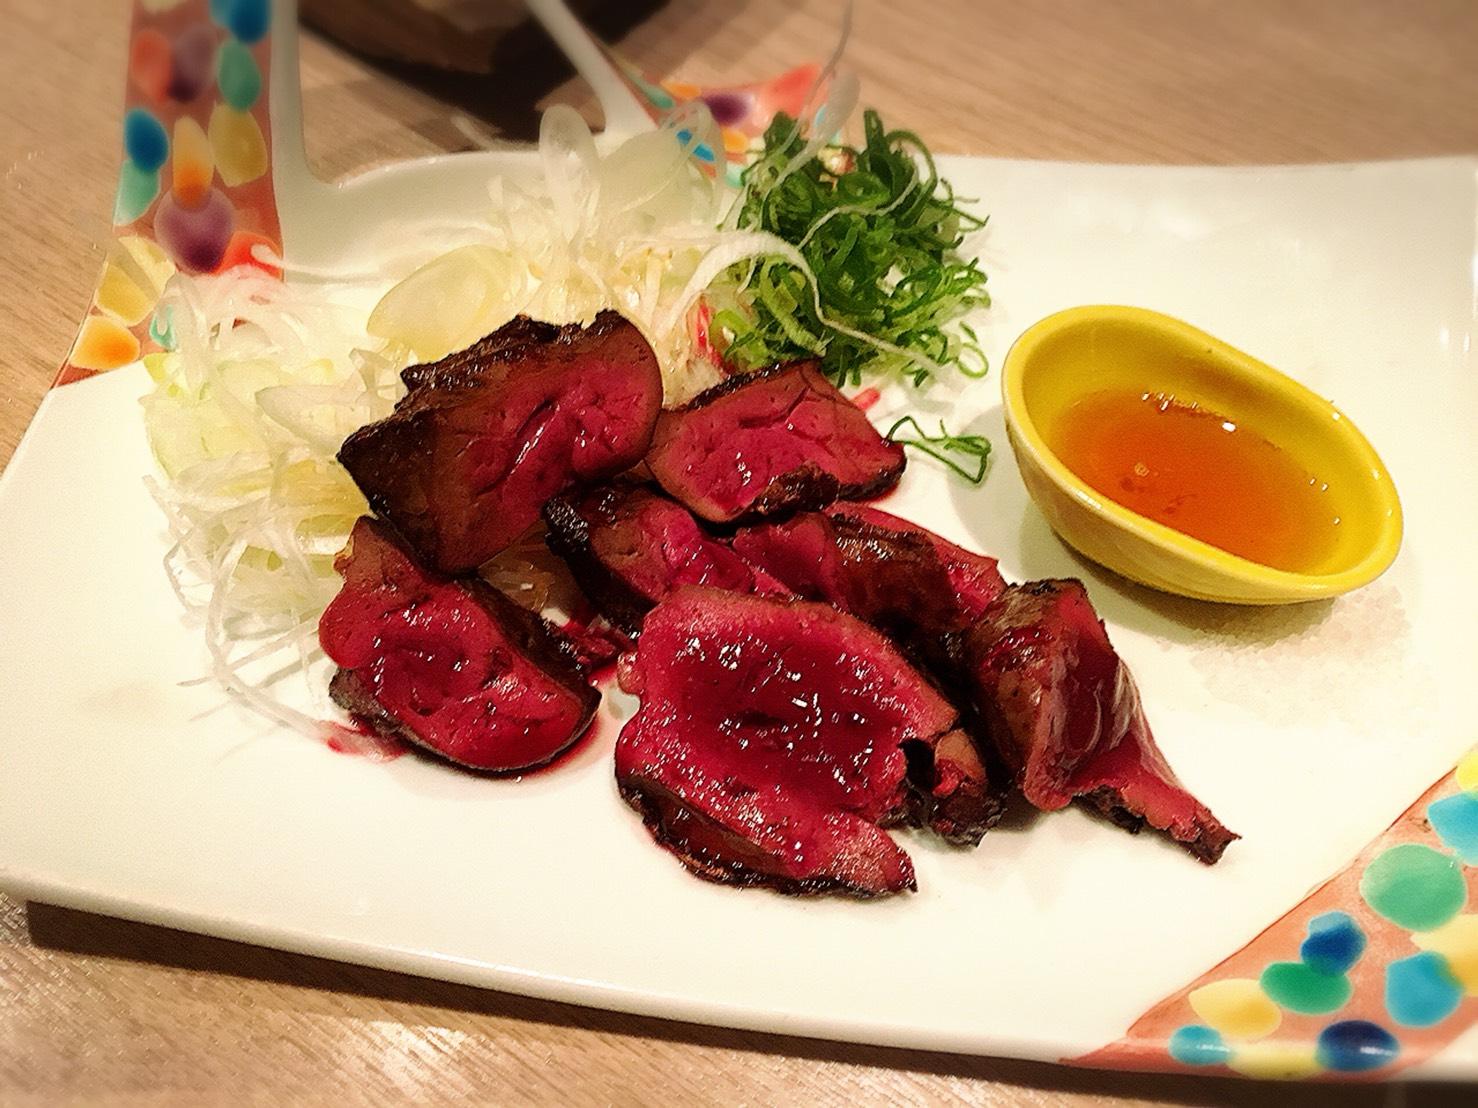 【池袋駅】落ち着いた少人数個室が使いやすい!九州料理もクオリティ高めの「TORI魚 池袋本店」のレバテキ